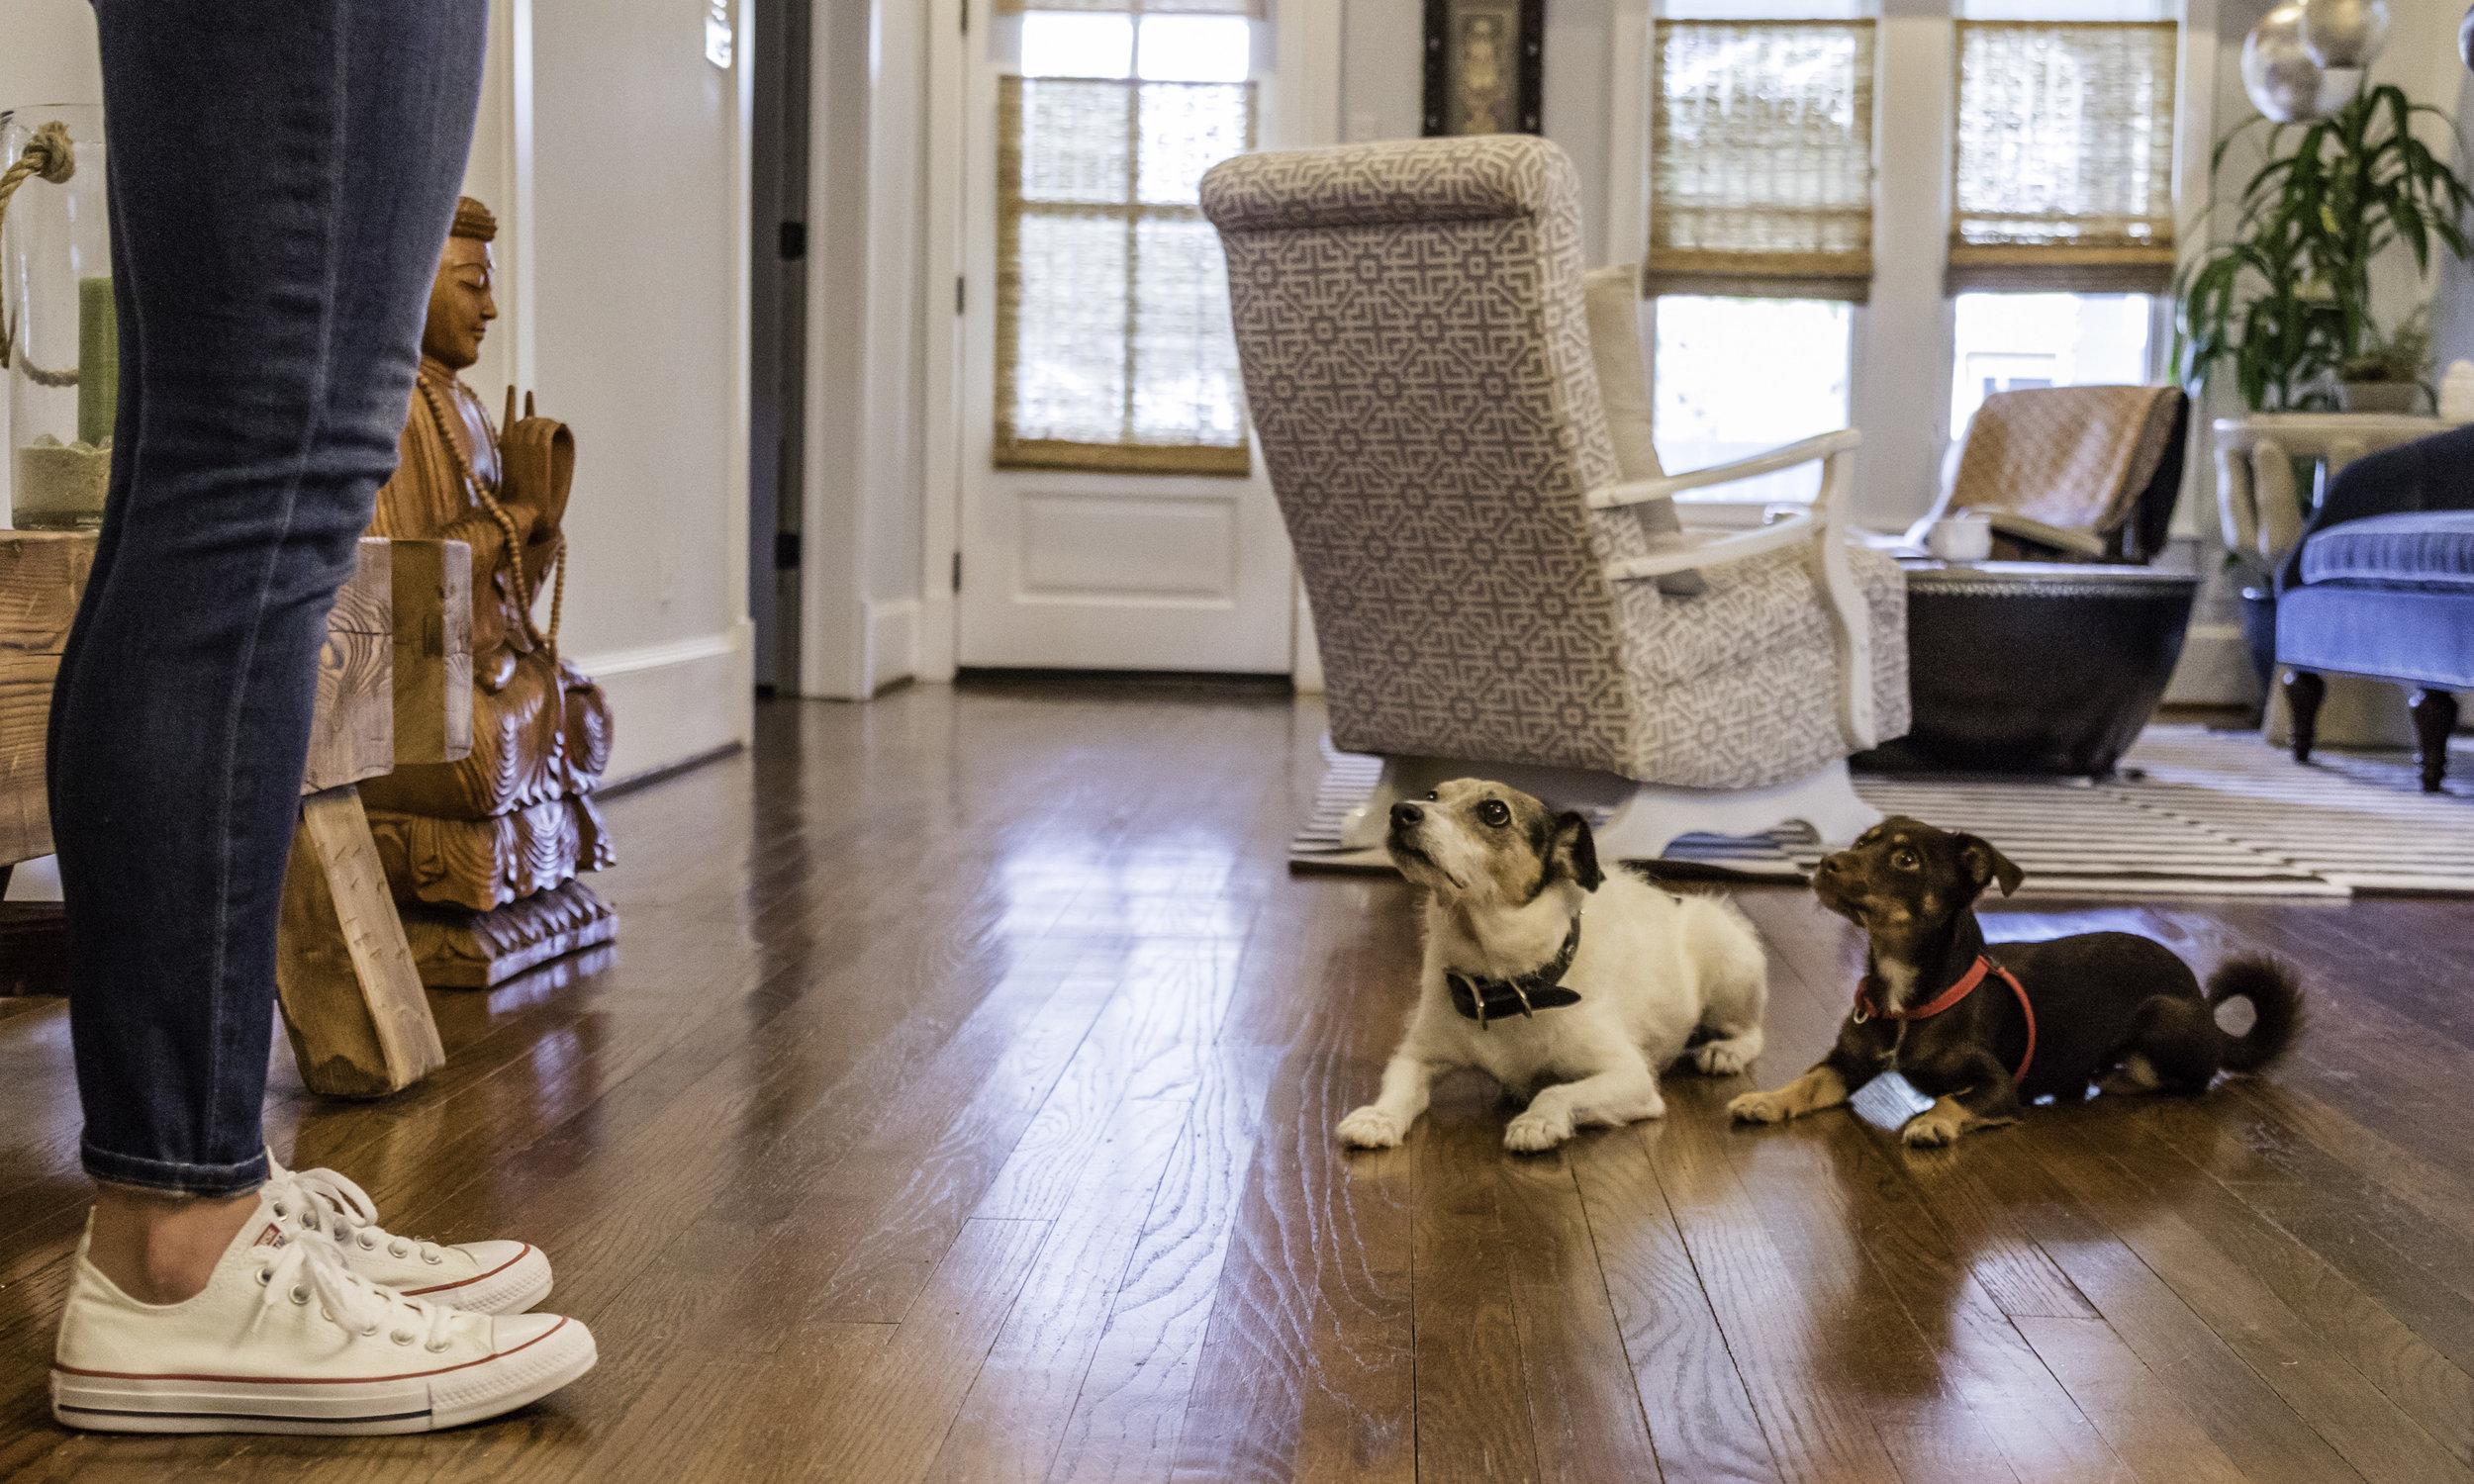 Stephanie Bennett Dog Puppy Training | Behavior Modification Potty Training | Houston TX_FC_7568 resized.jpg